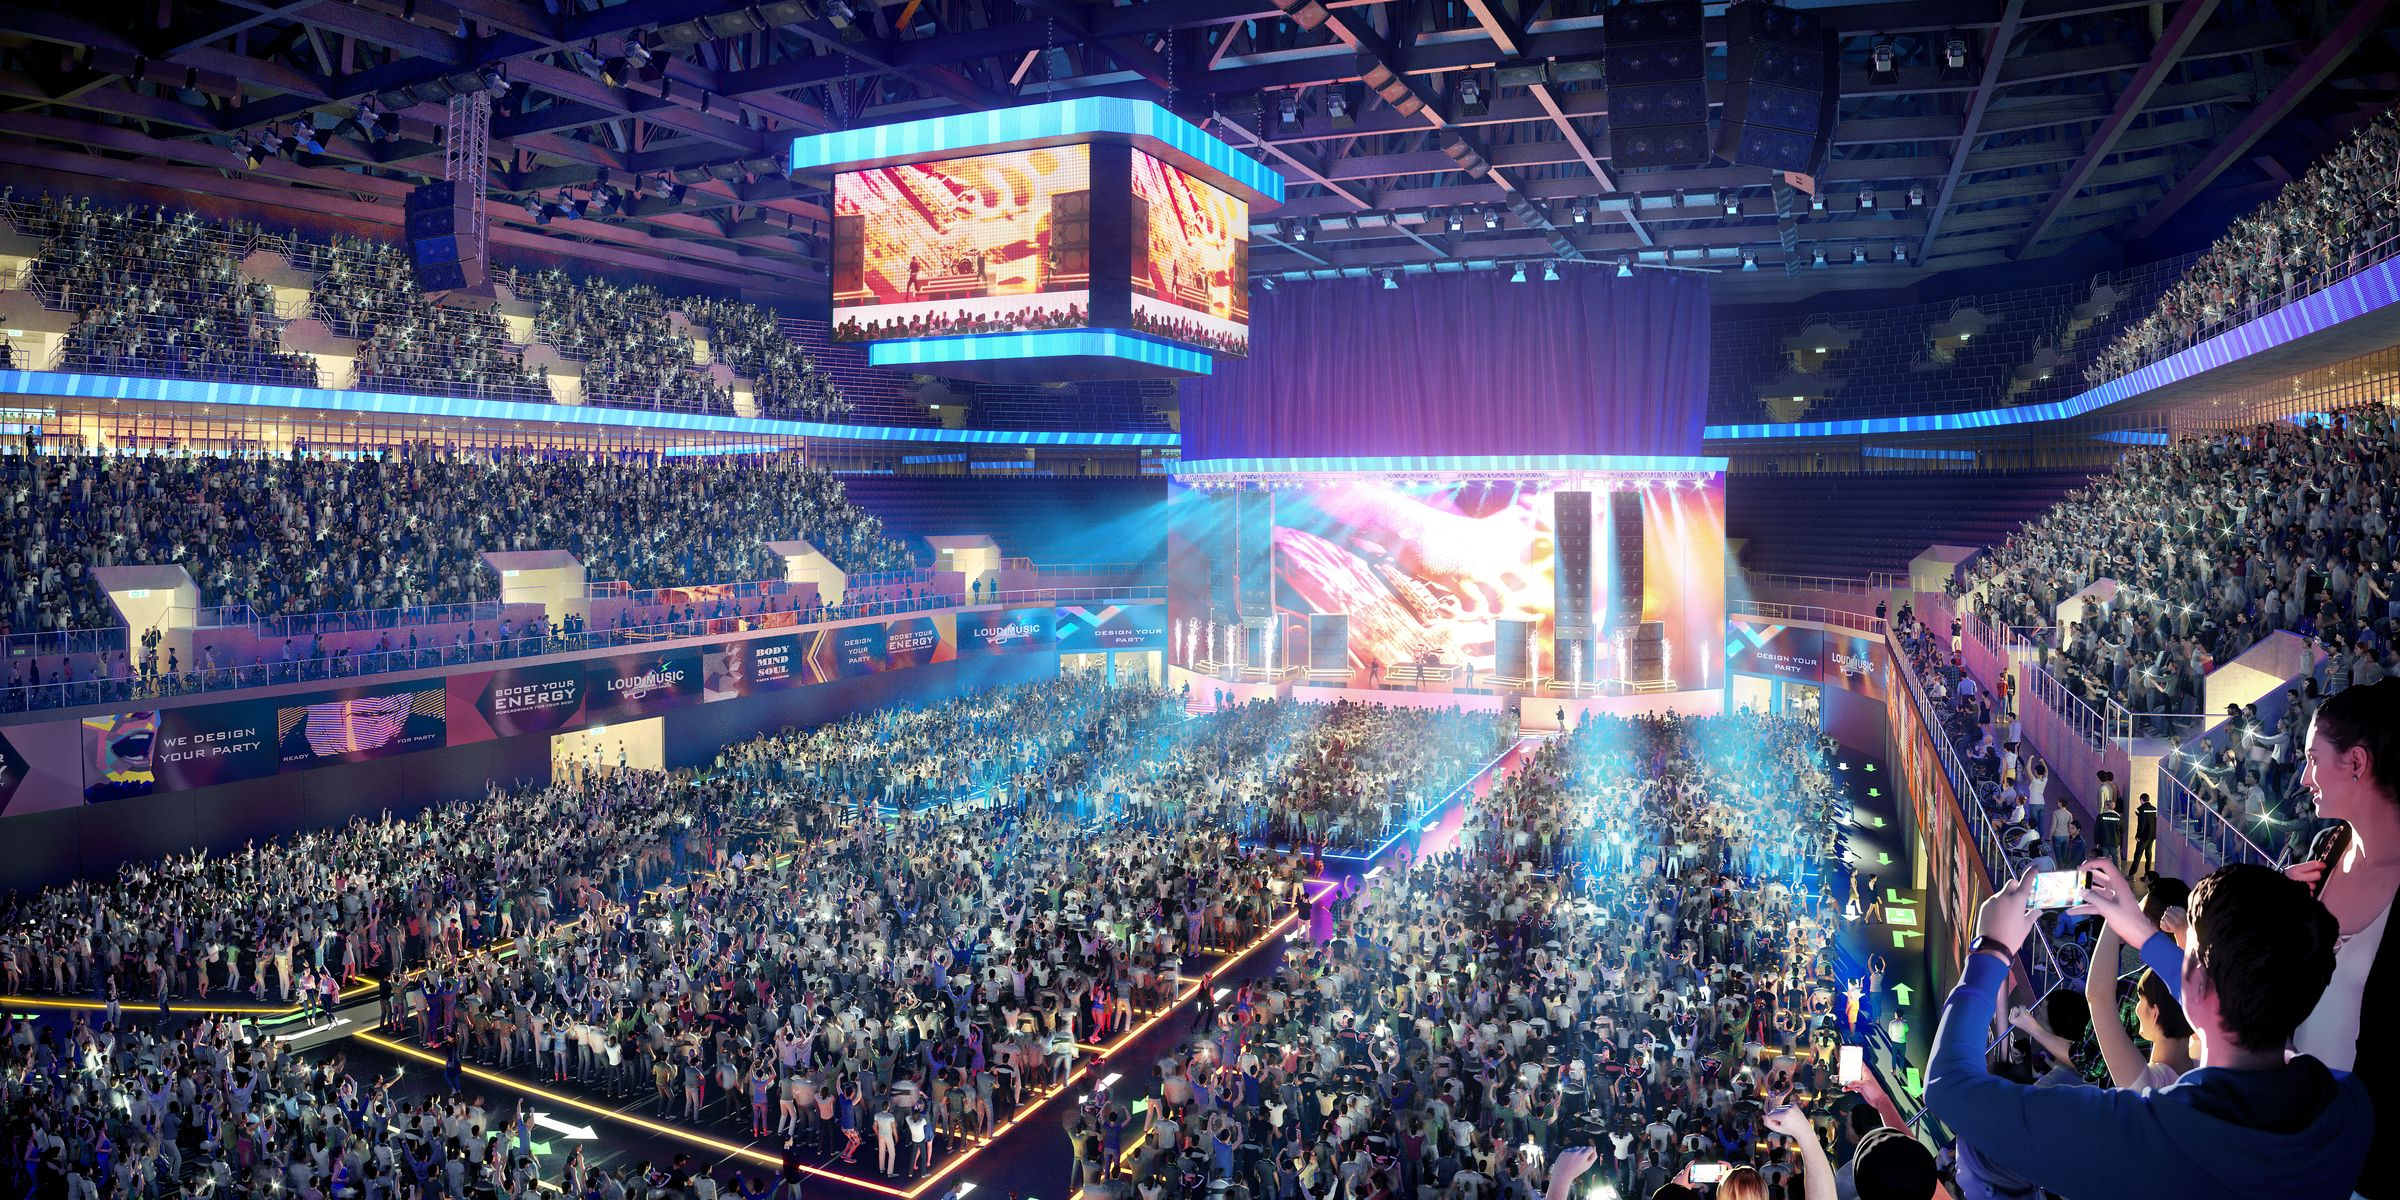 phase10_Arena_Wien_Innen_Innenbereich_blaue_Version_200814_02